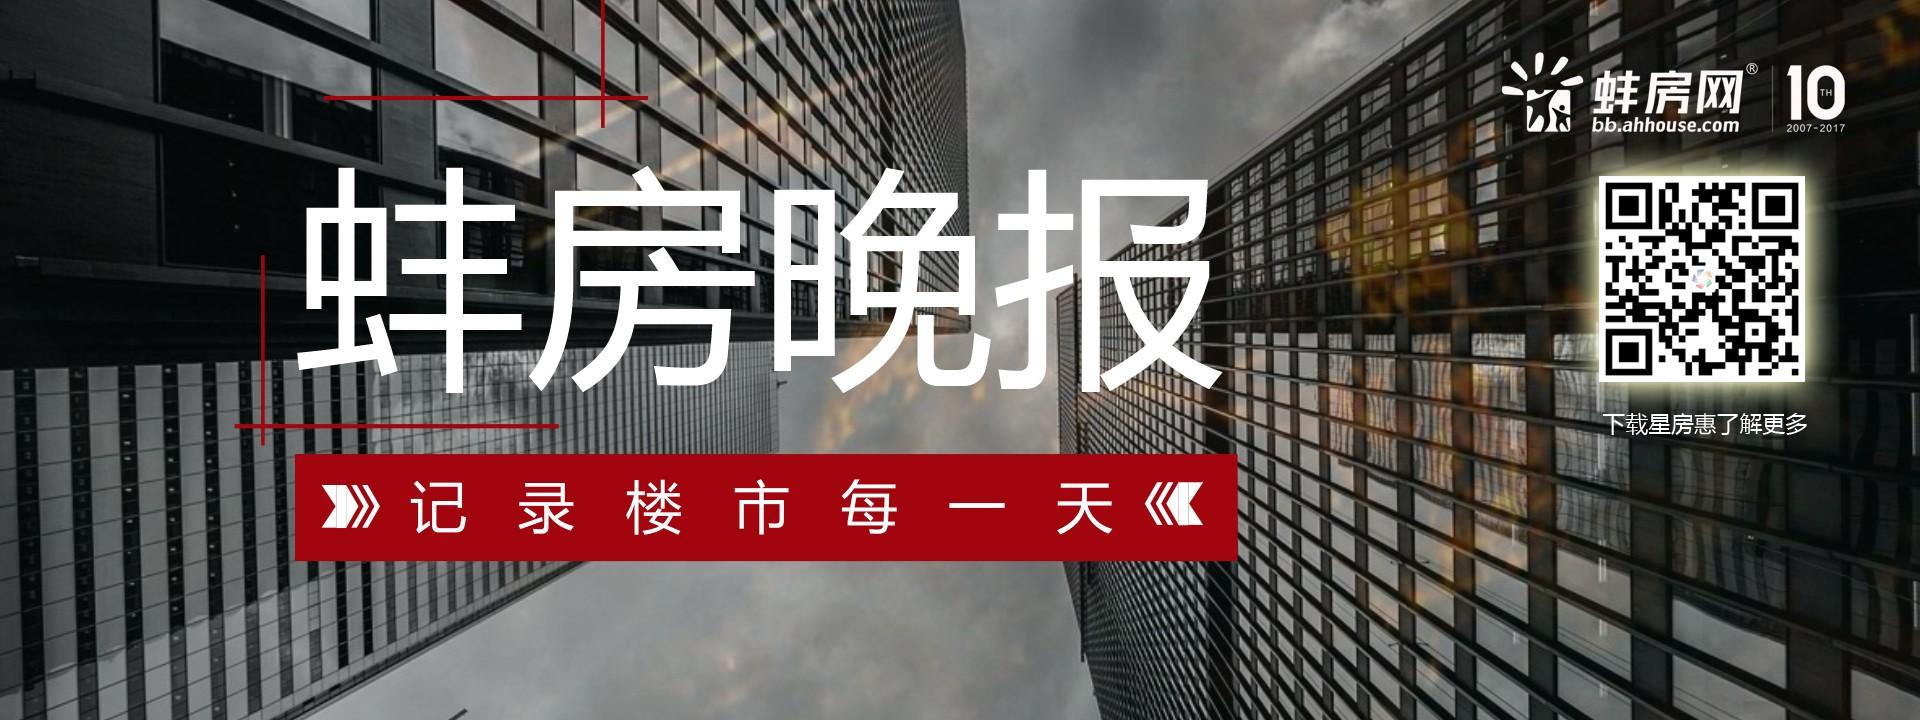 11.1蚌房网晚报:10月蚌埠住宅备案552套 品牌房企积极拿地